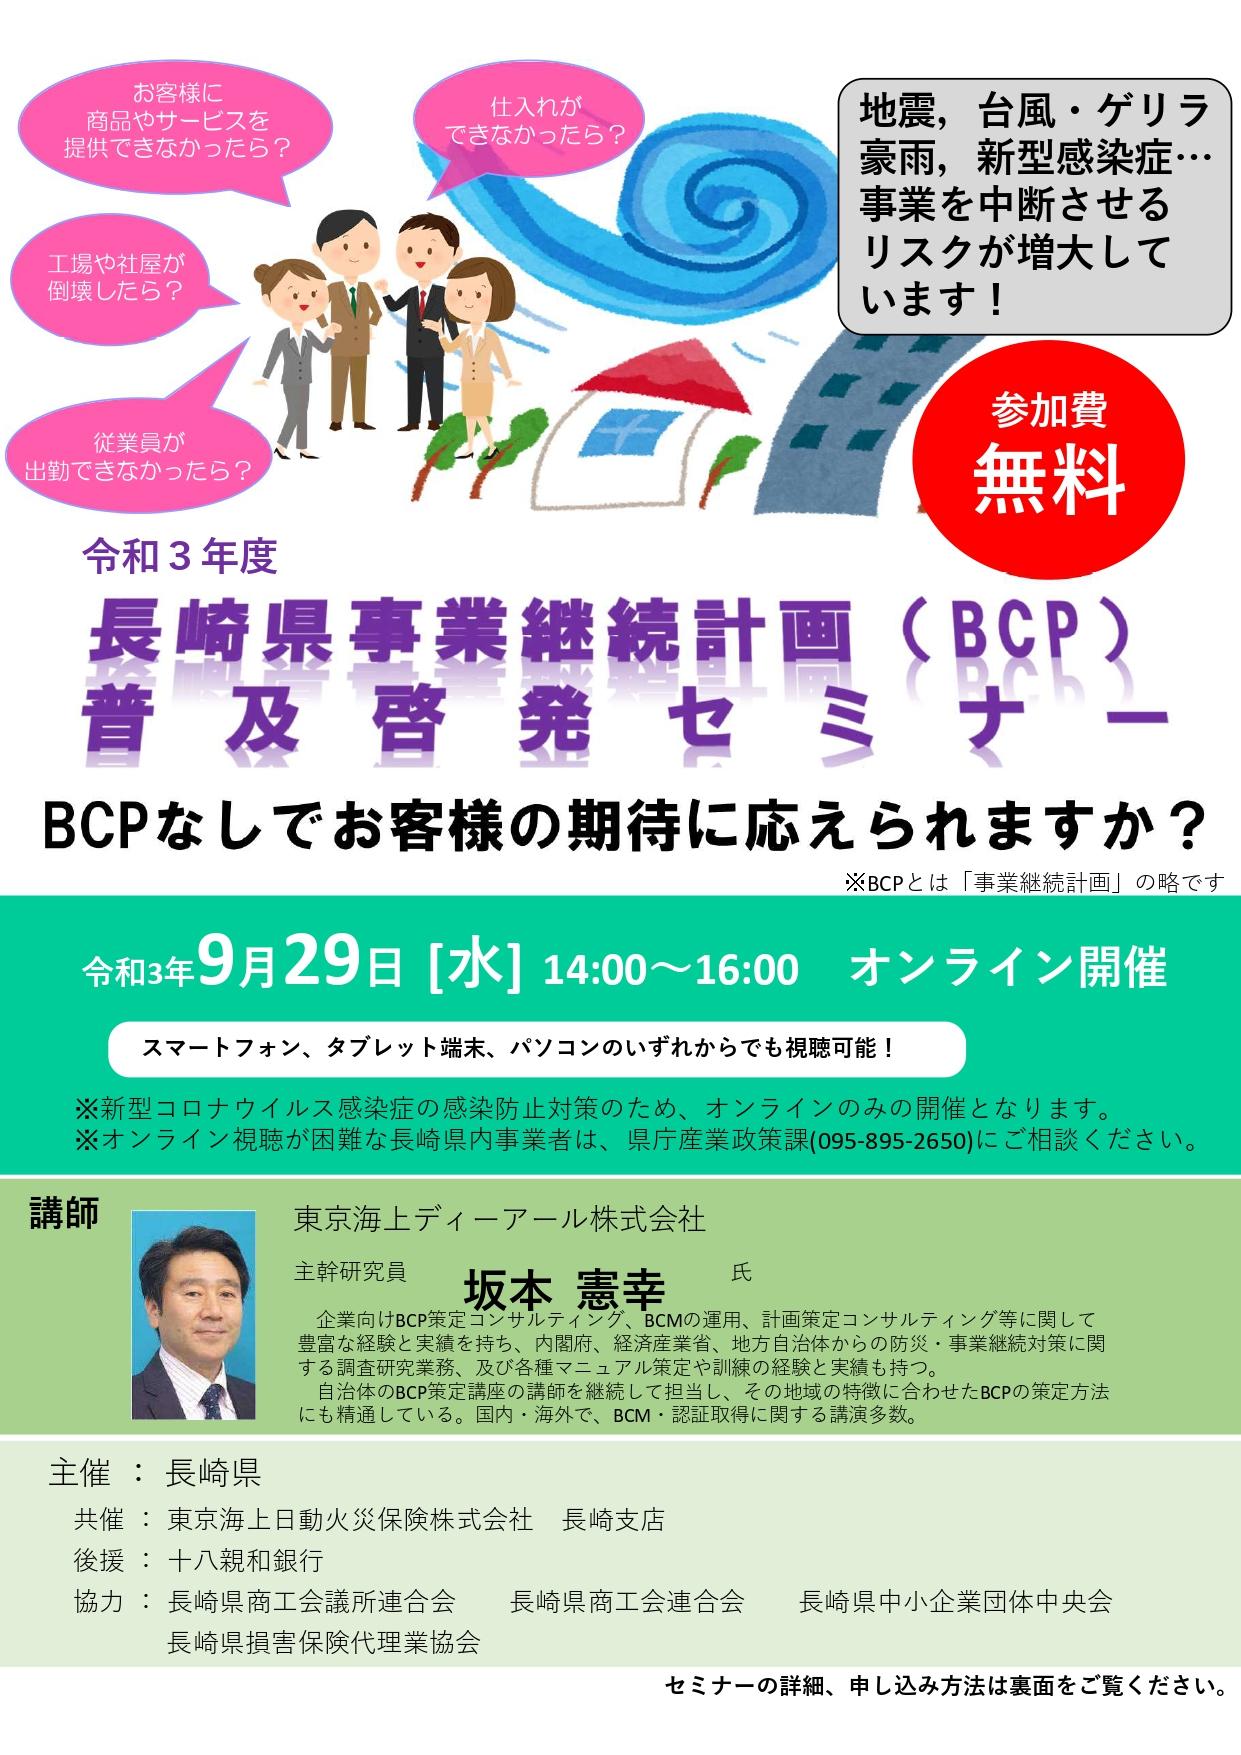 長崎県主催『令和3年度長崎県事業継続力(BCP)普及啓発セミナー』開催のお知らせ